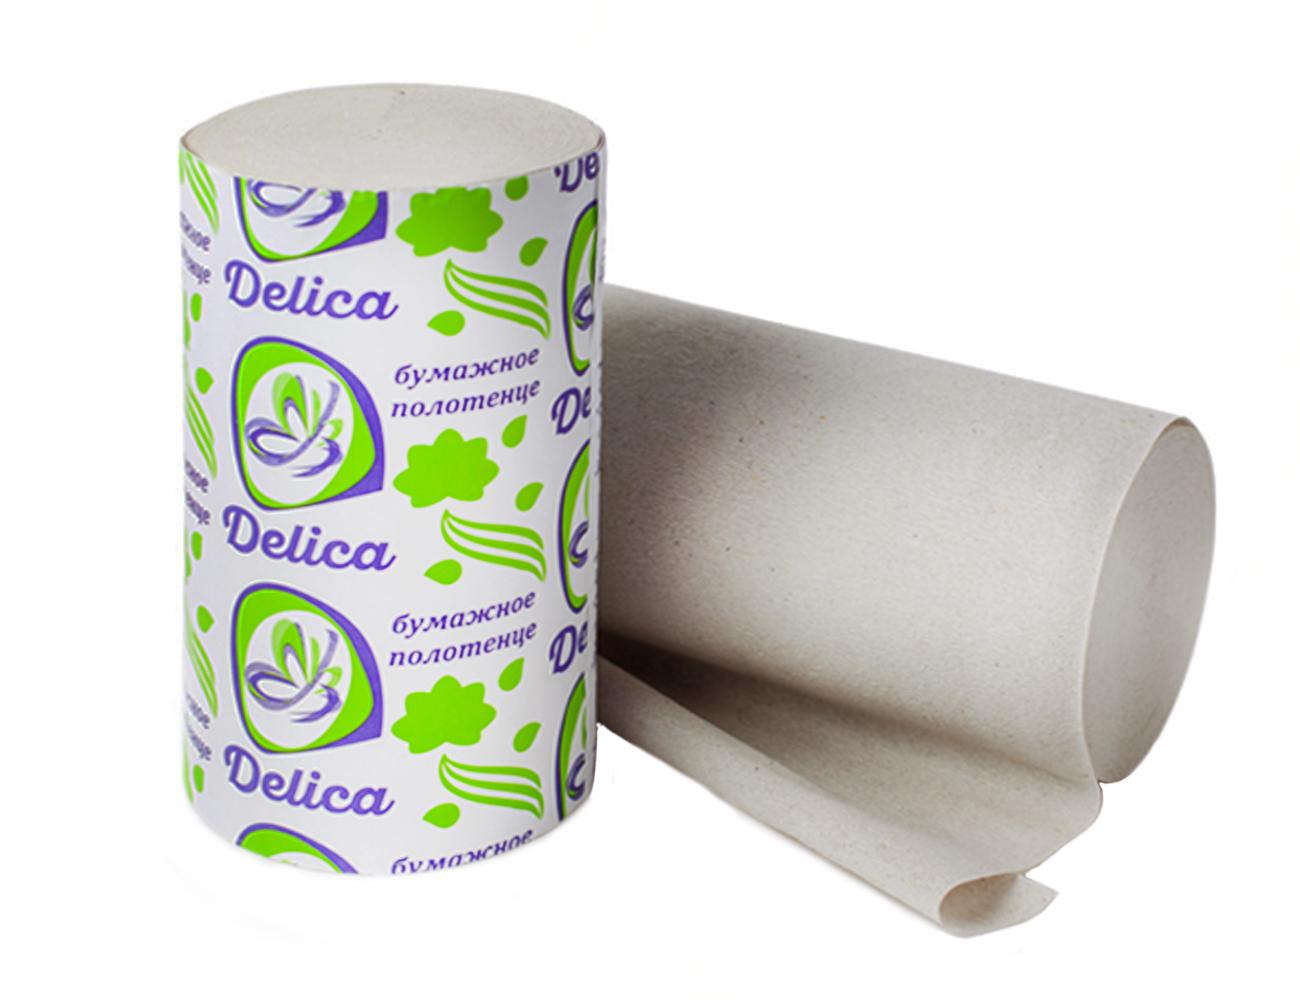 купить бумажные полотенца опт, полотенца бумажные производитель